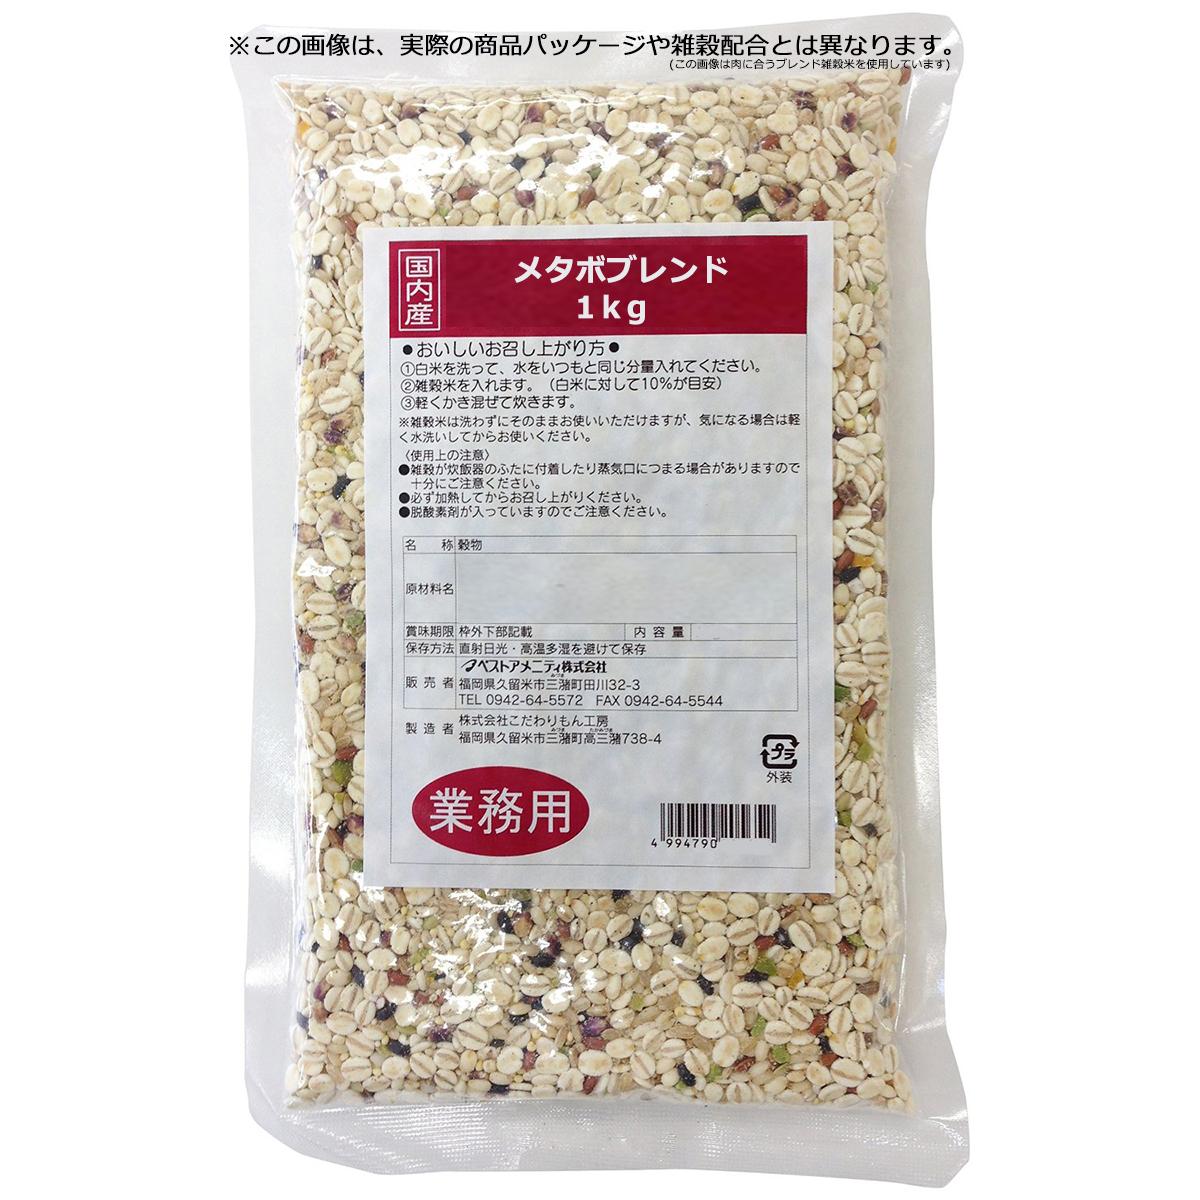 ベストアメニティ株式会社 国内産 メタボブレンド〈業務用〉1kg×20個セット<乾物入り雑穀米>(ご注文後のキャンセルができません)